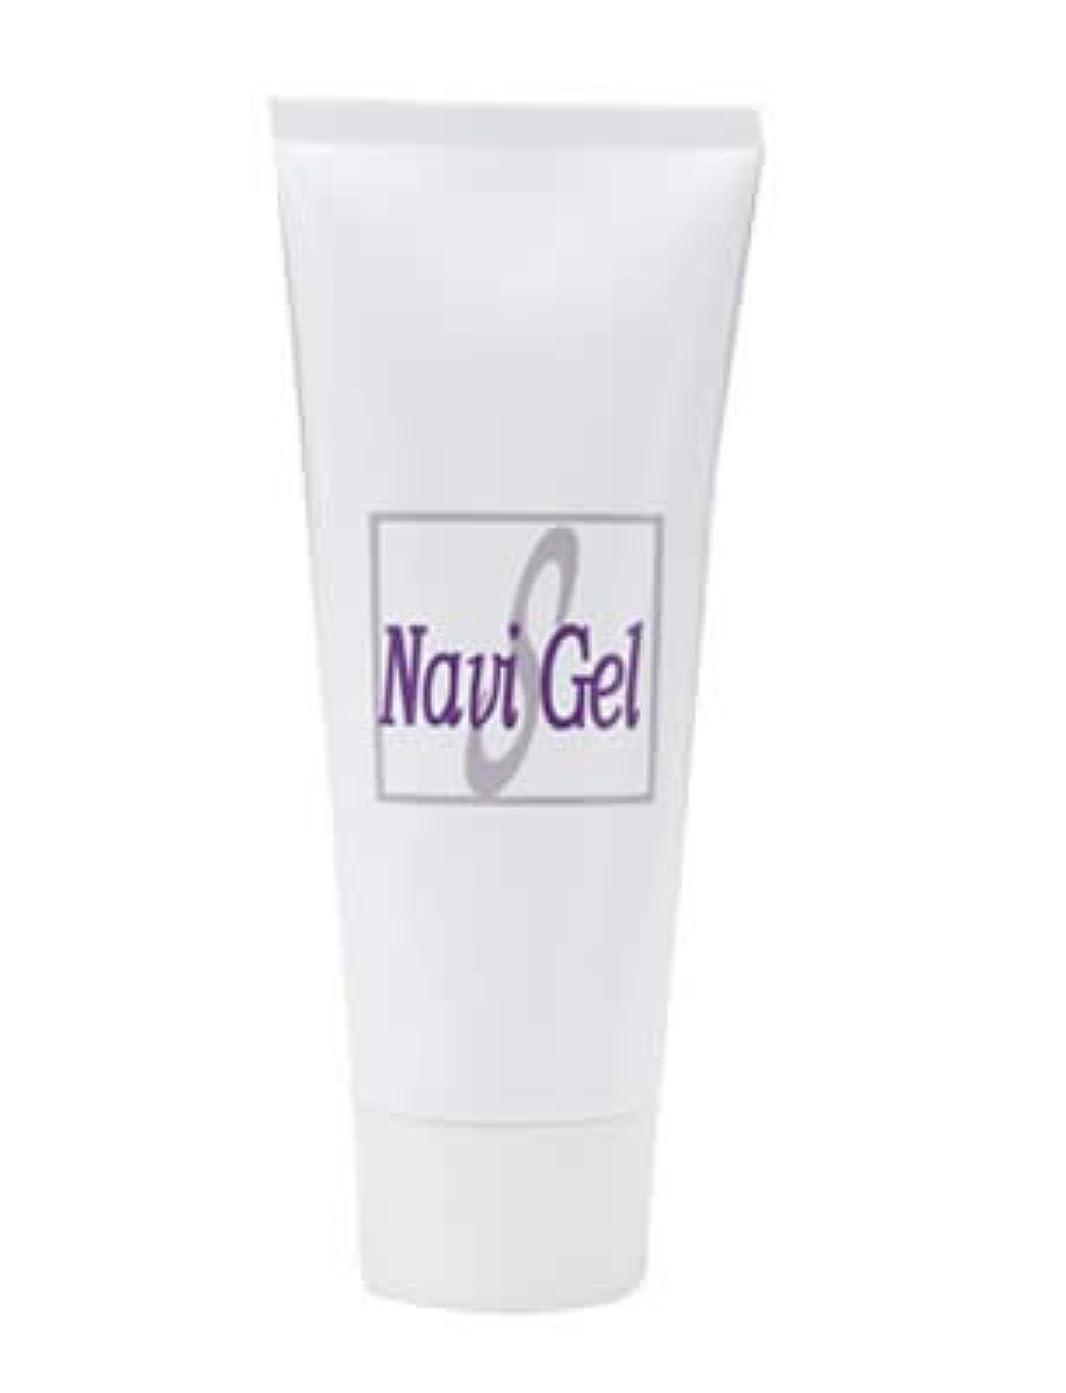 異常などれかスコットランド人ナビジェル 美顔器ジェル 潤滑ジェル EMS機器などを使用する時に効果を出やすくする 美容ジェル